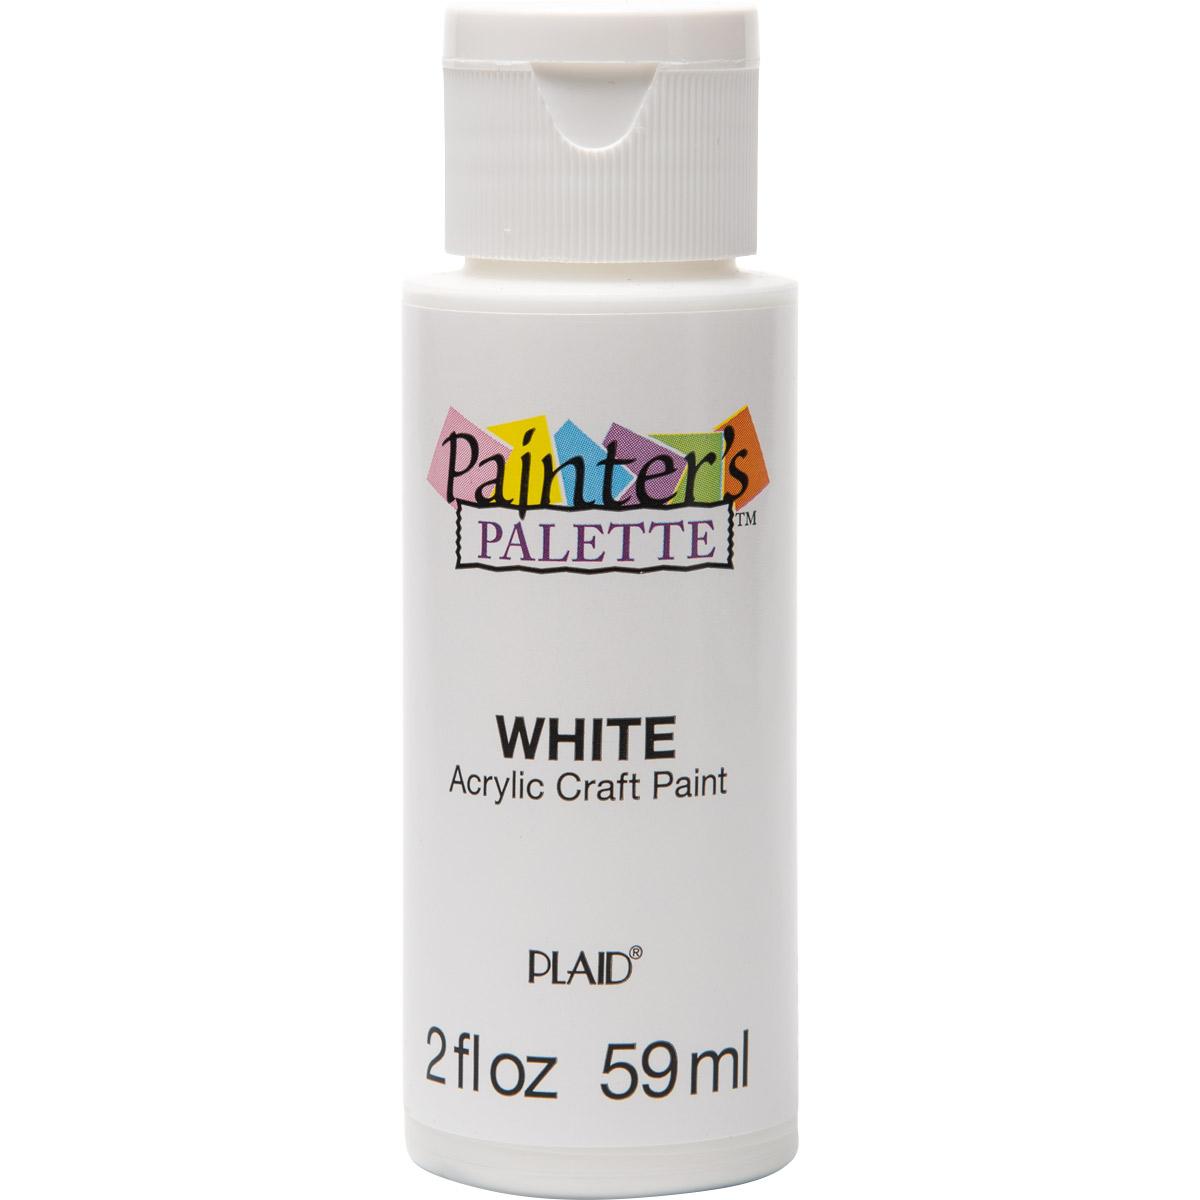 Plaid ® Painter's Palette™ Acrylic Paint - White, 2 oz.